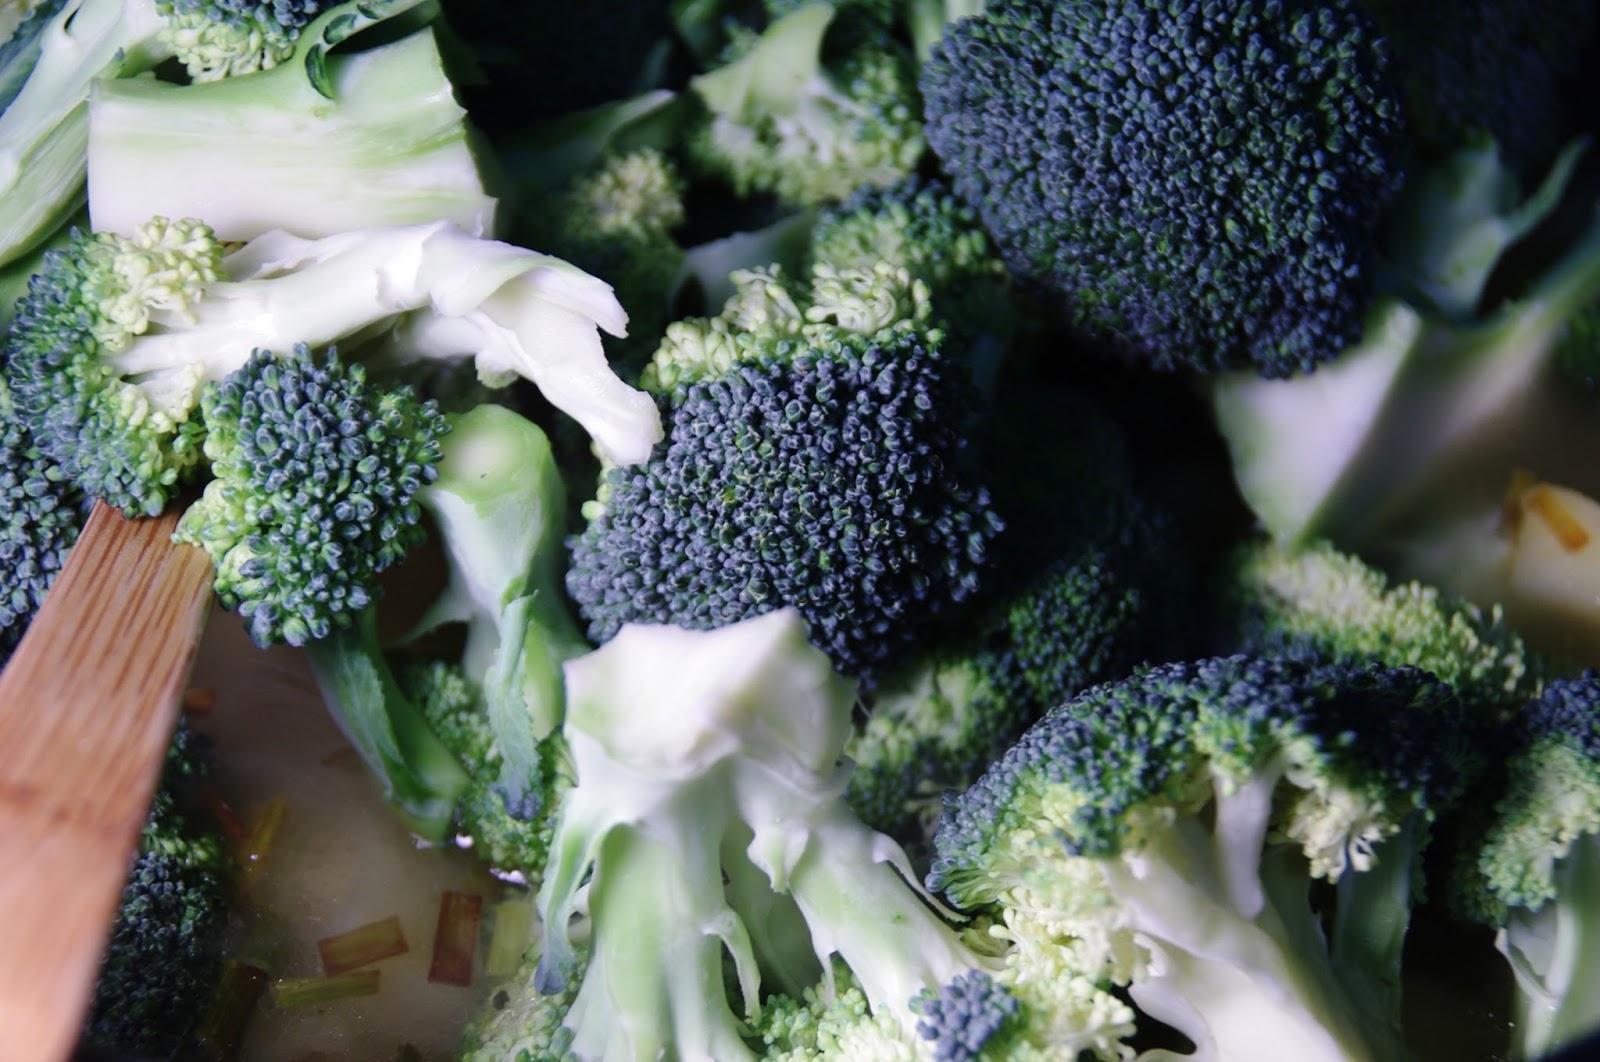 añadimos brócoli y espinacas